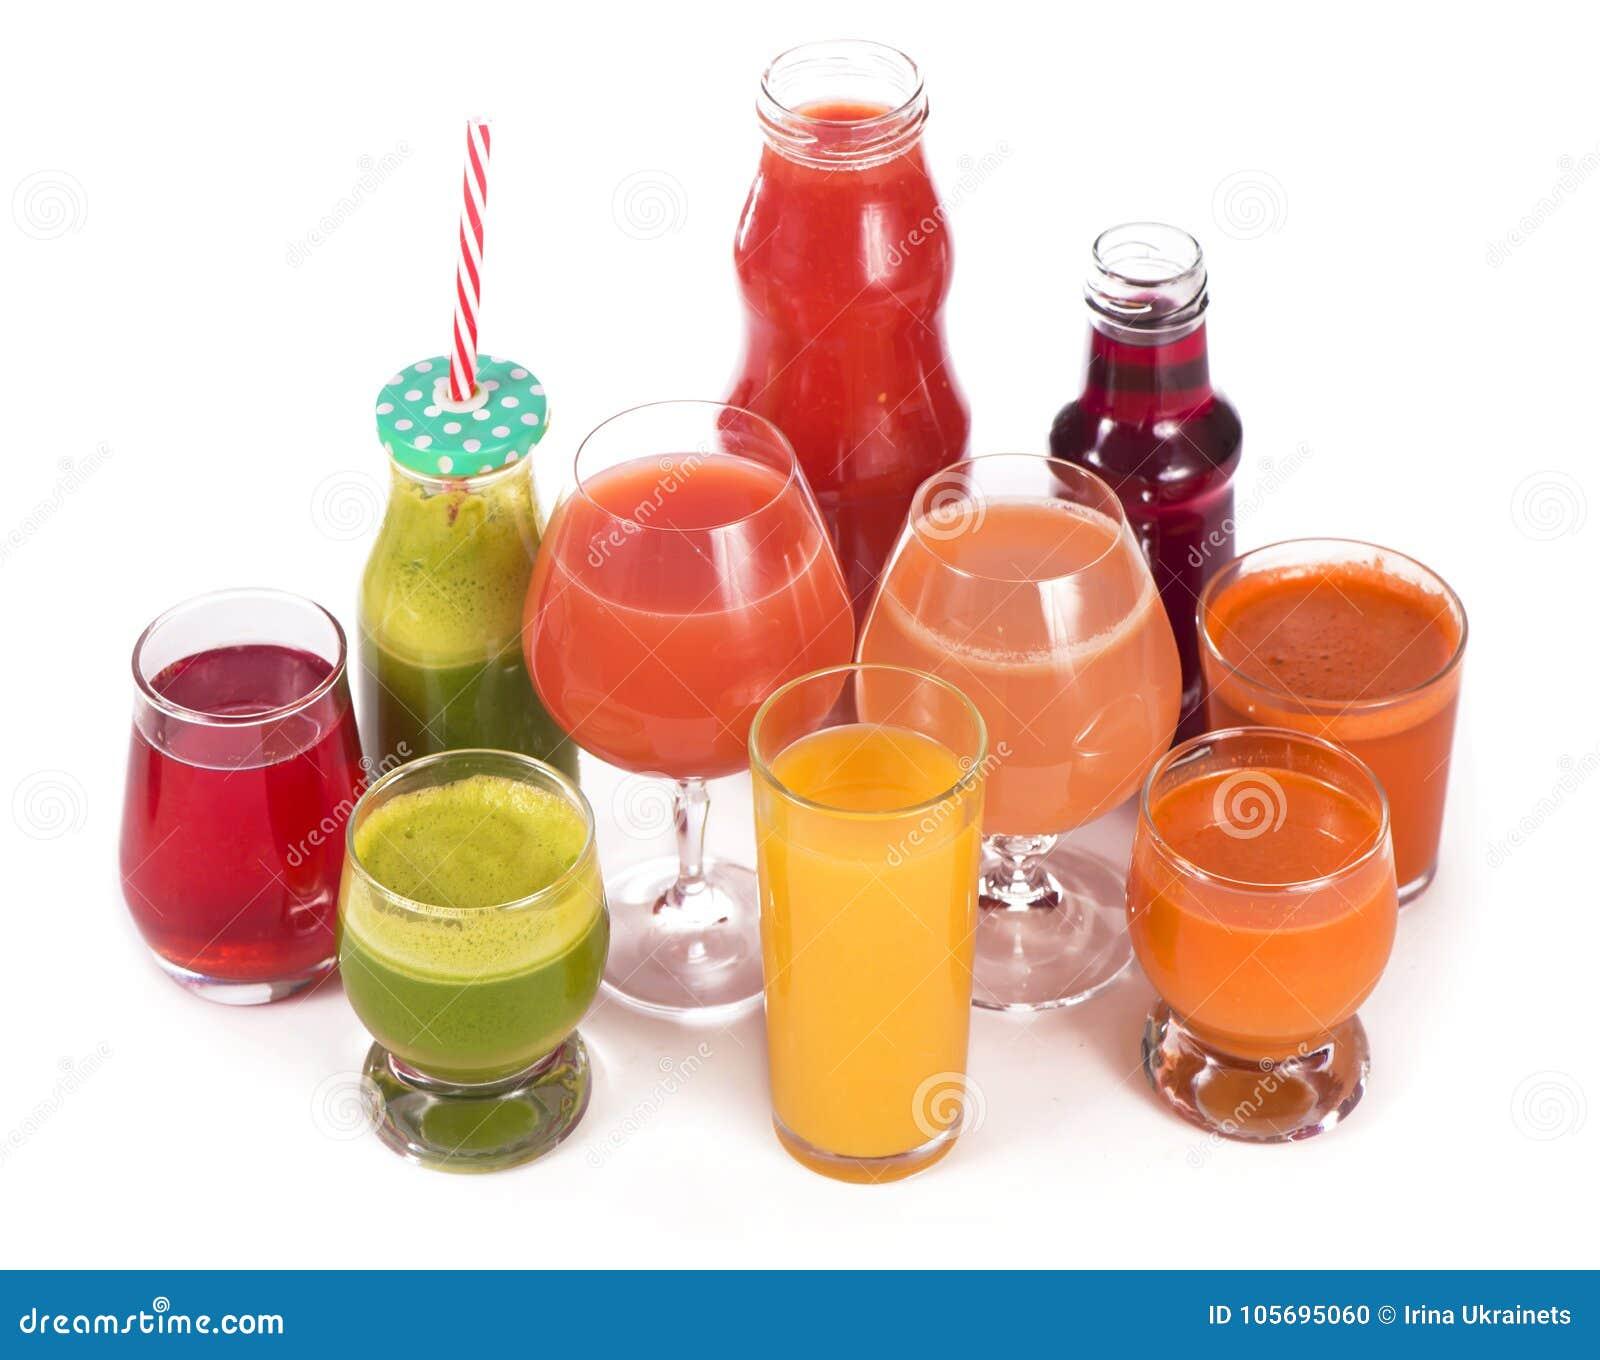 Glazen met verse organische die groente en vruchtensappen op wit worden geïsoleerd